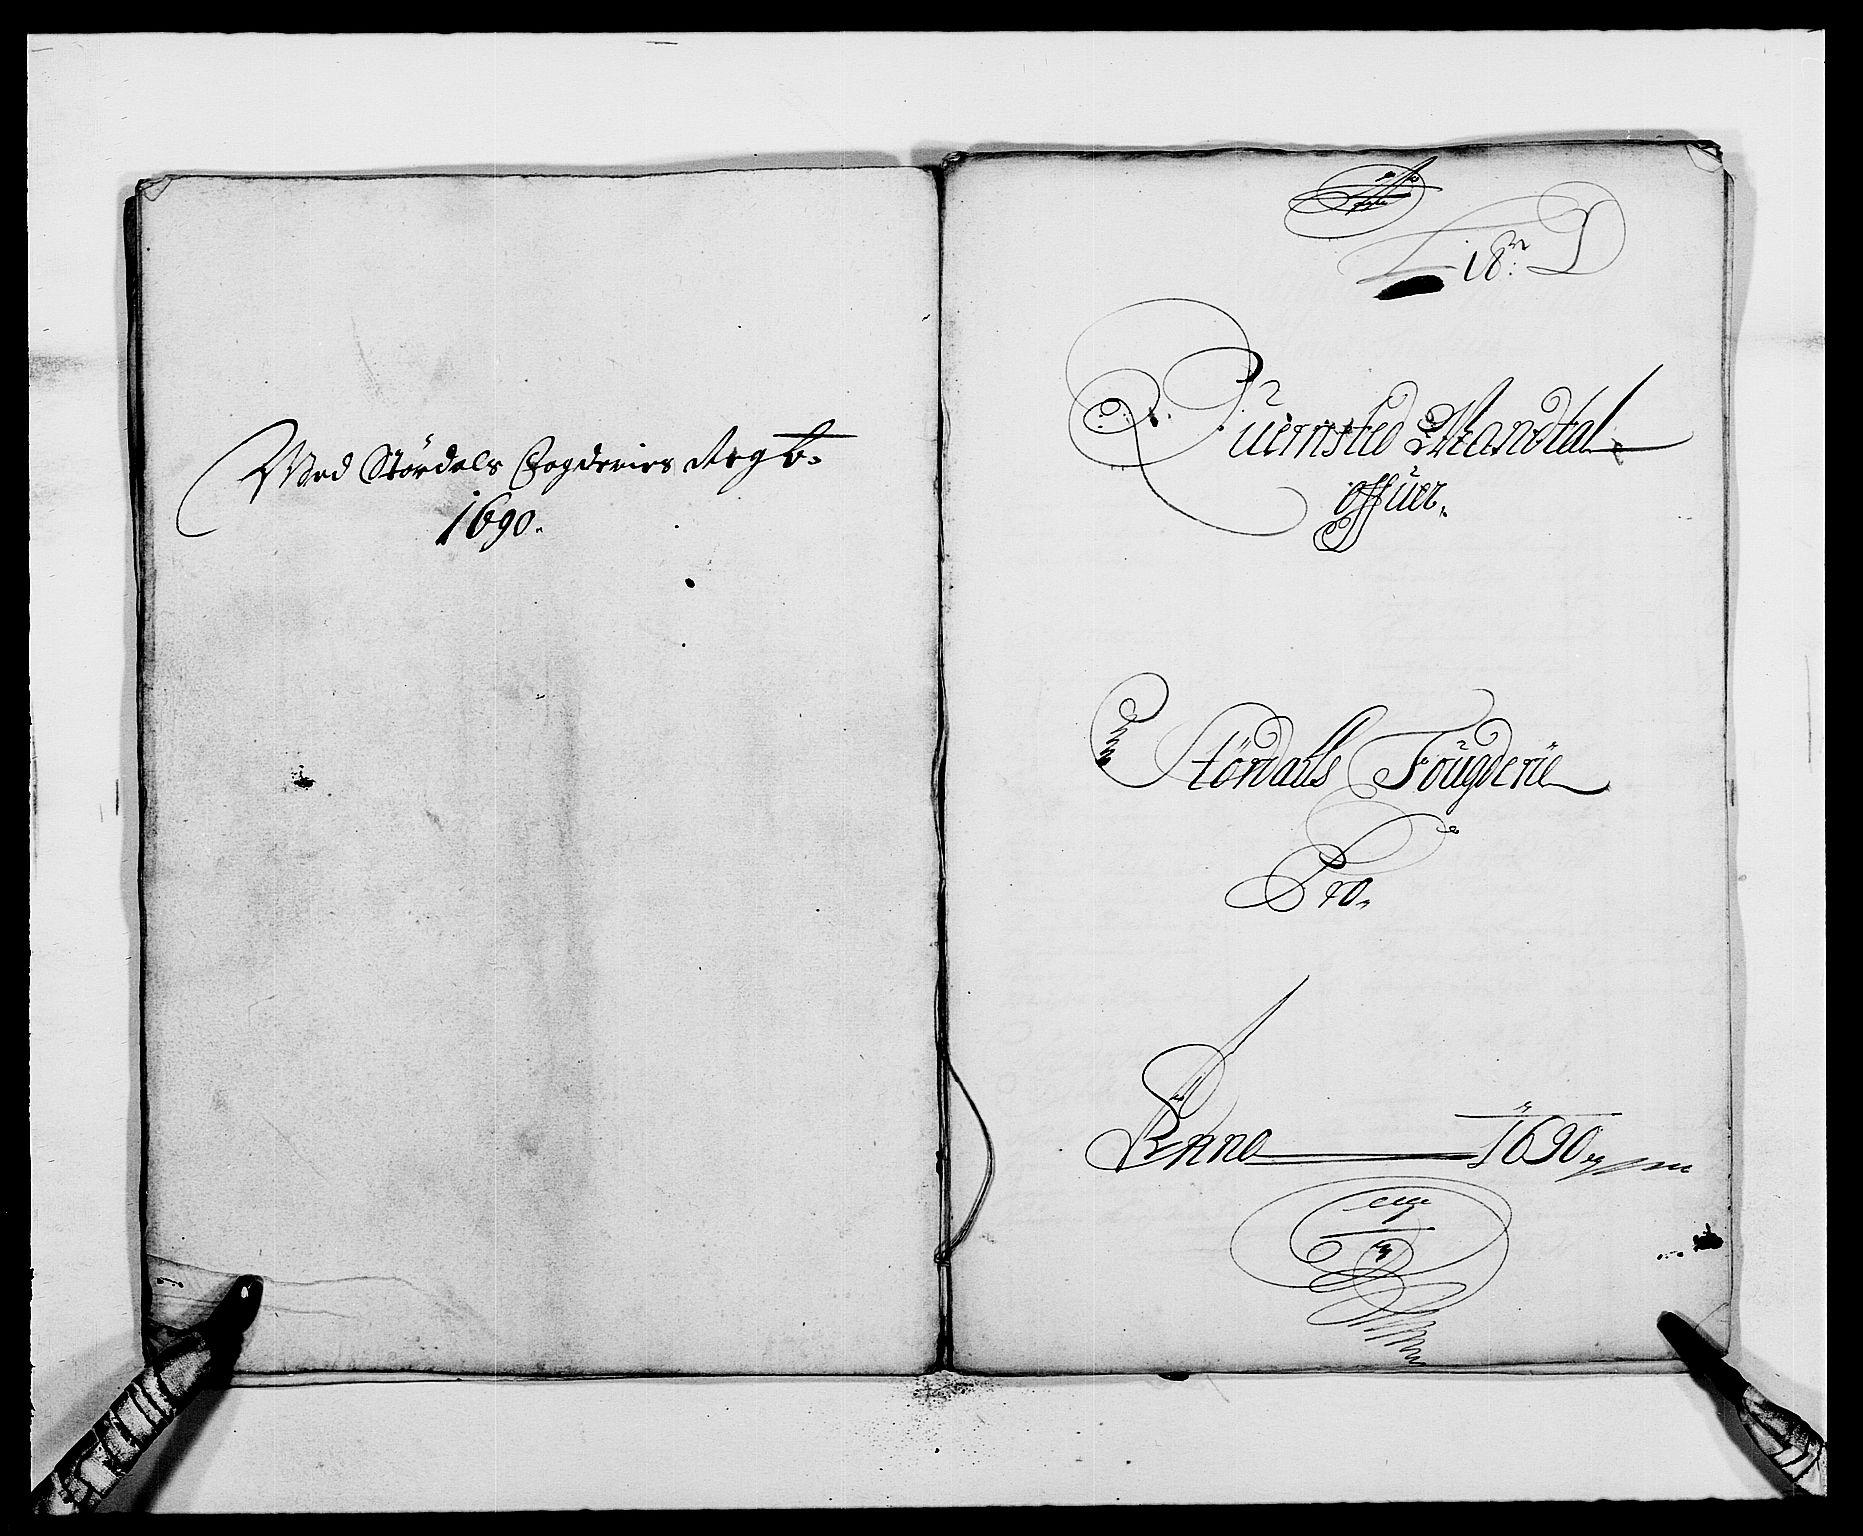 RA, Rentekammeret inntil 1814, Reviderte regnskaper, Fogderegnskap, R62/L4184: Fogderegnskap Stjørdal og Verdal, 1690-1691, s. 85